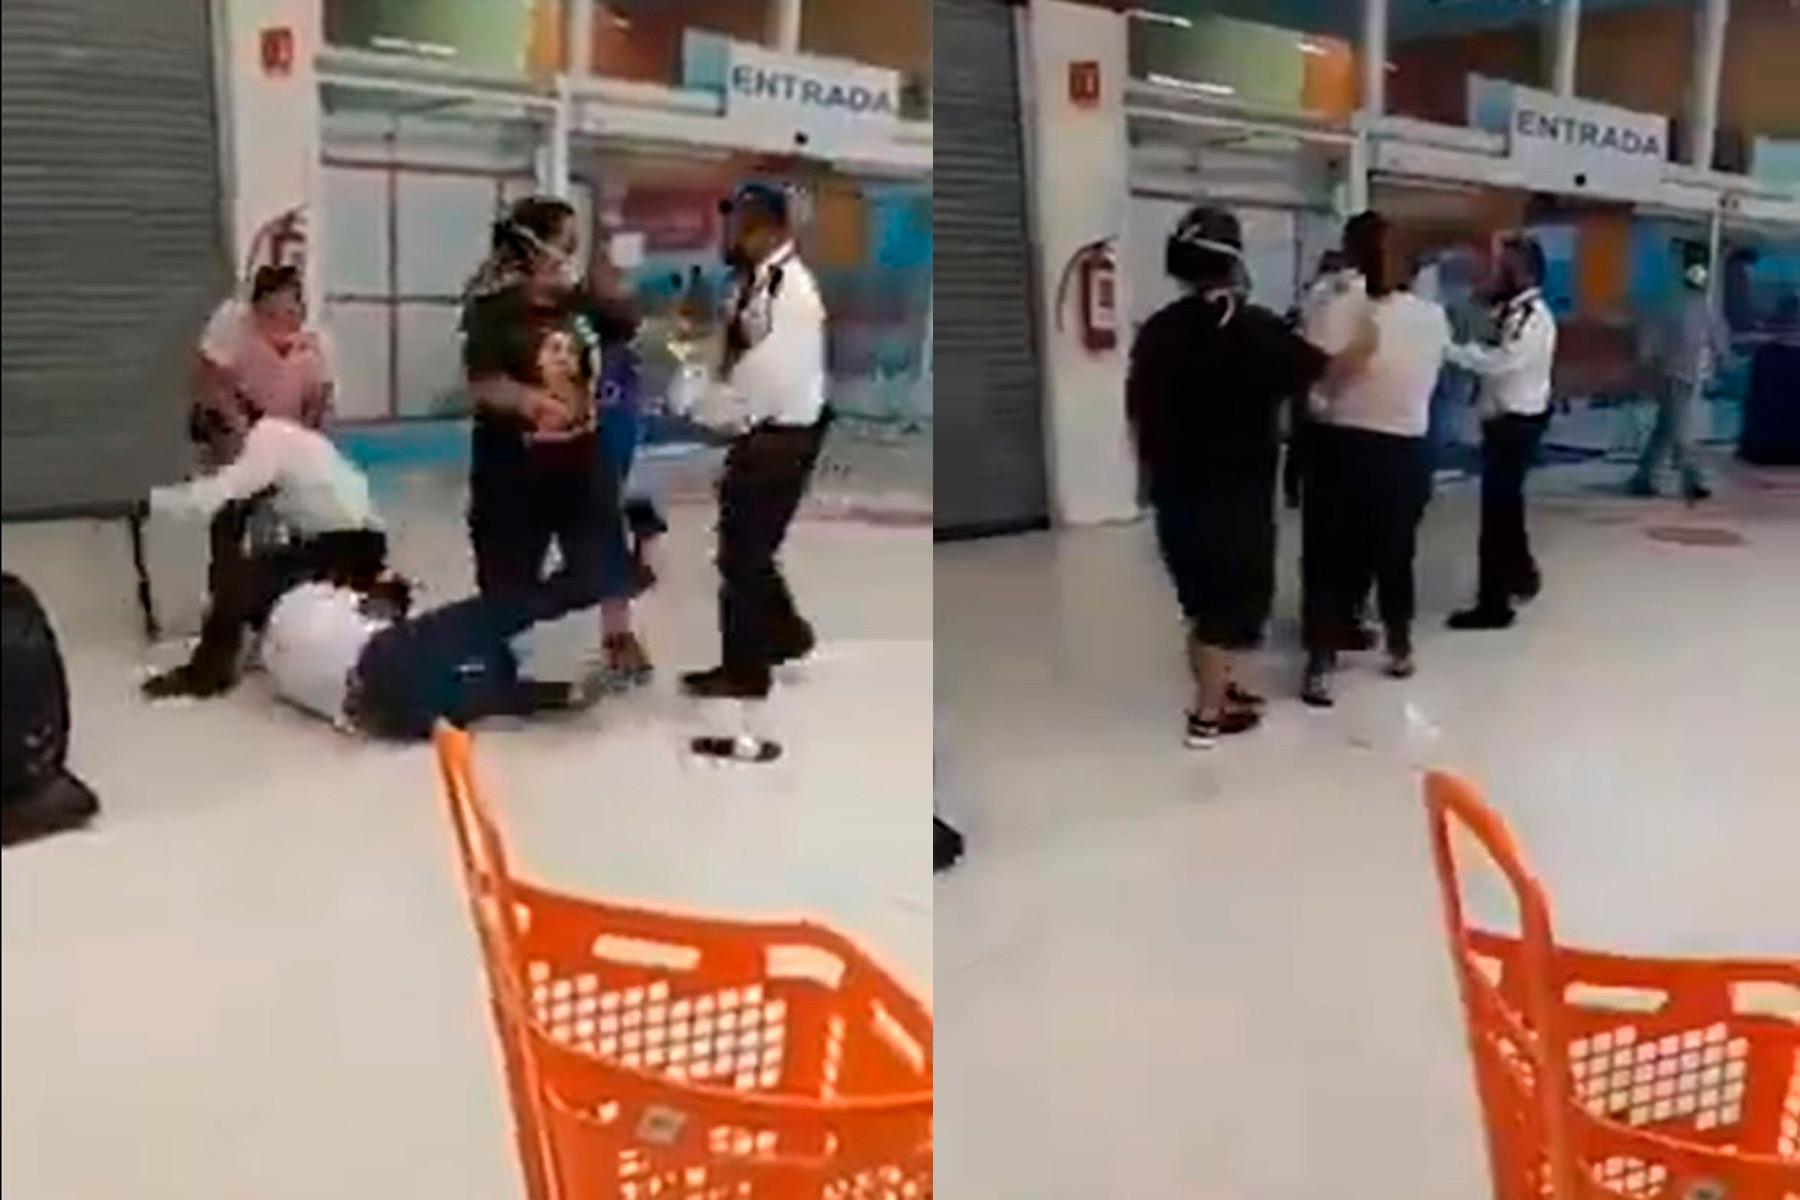 video-senoras-agreden-a-guardia-de-seguridad-por-no-dejarlas-entrar-a-una-tienda1